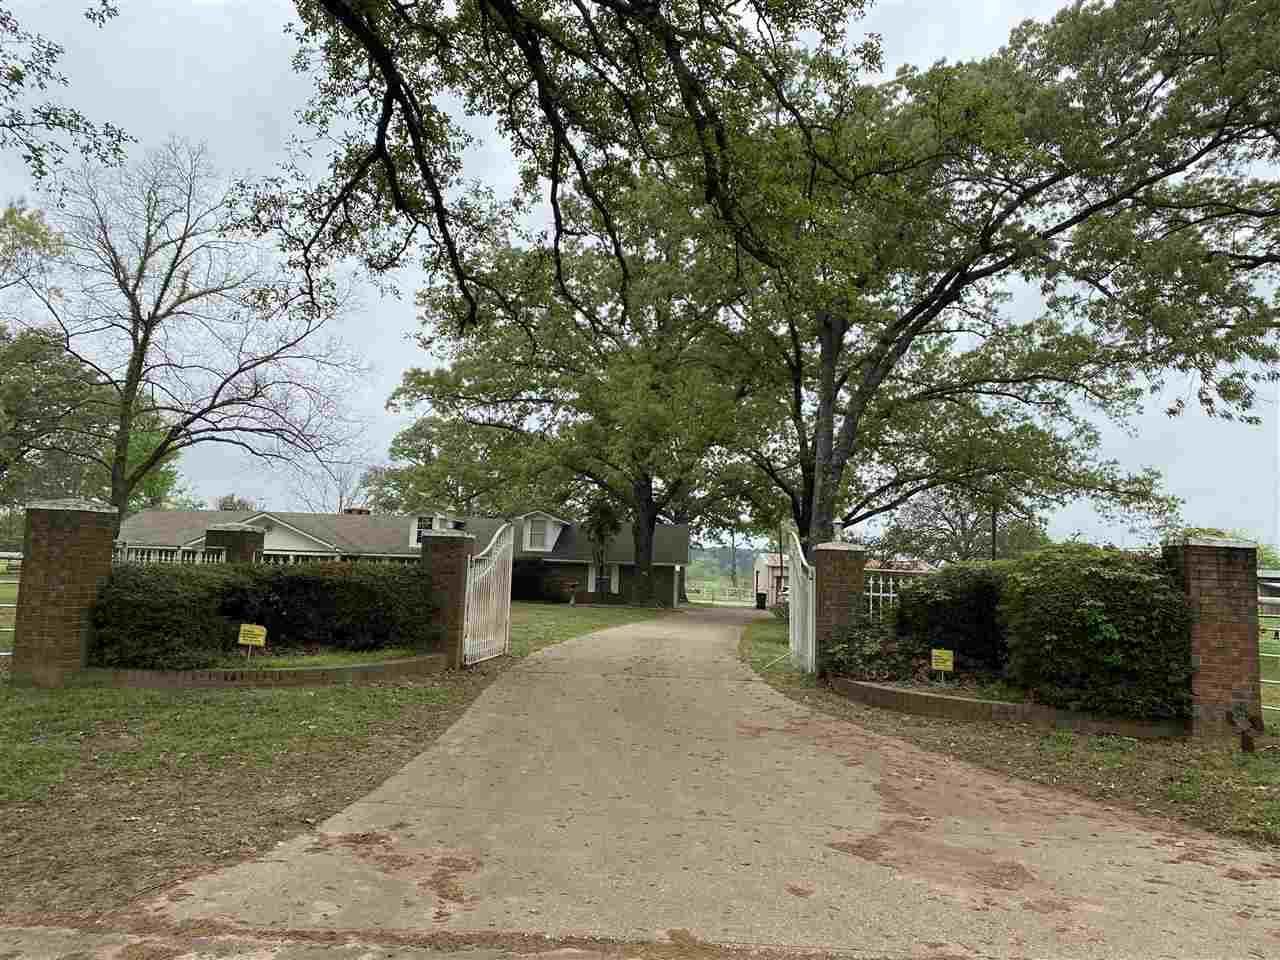 3767 Estesville Rd - Photo 1